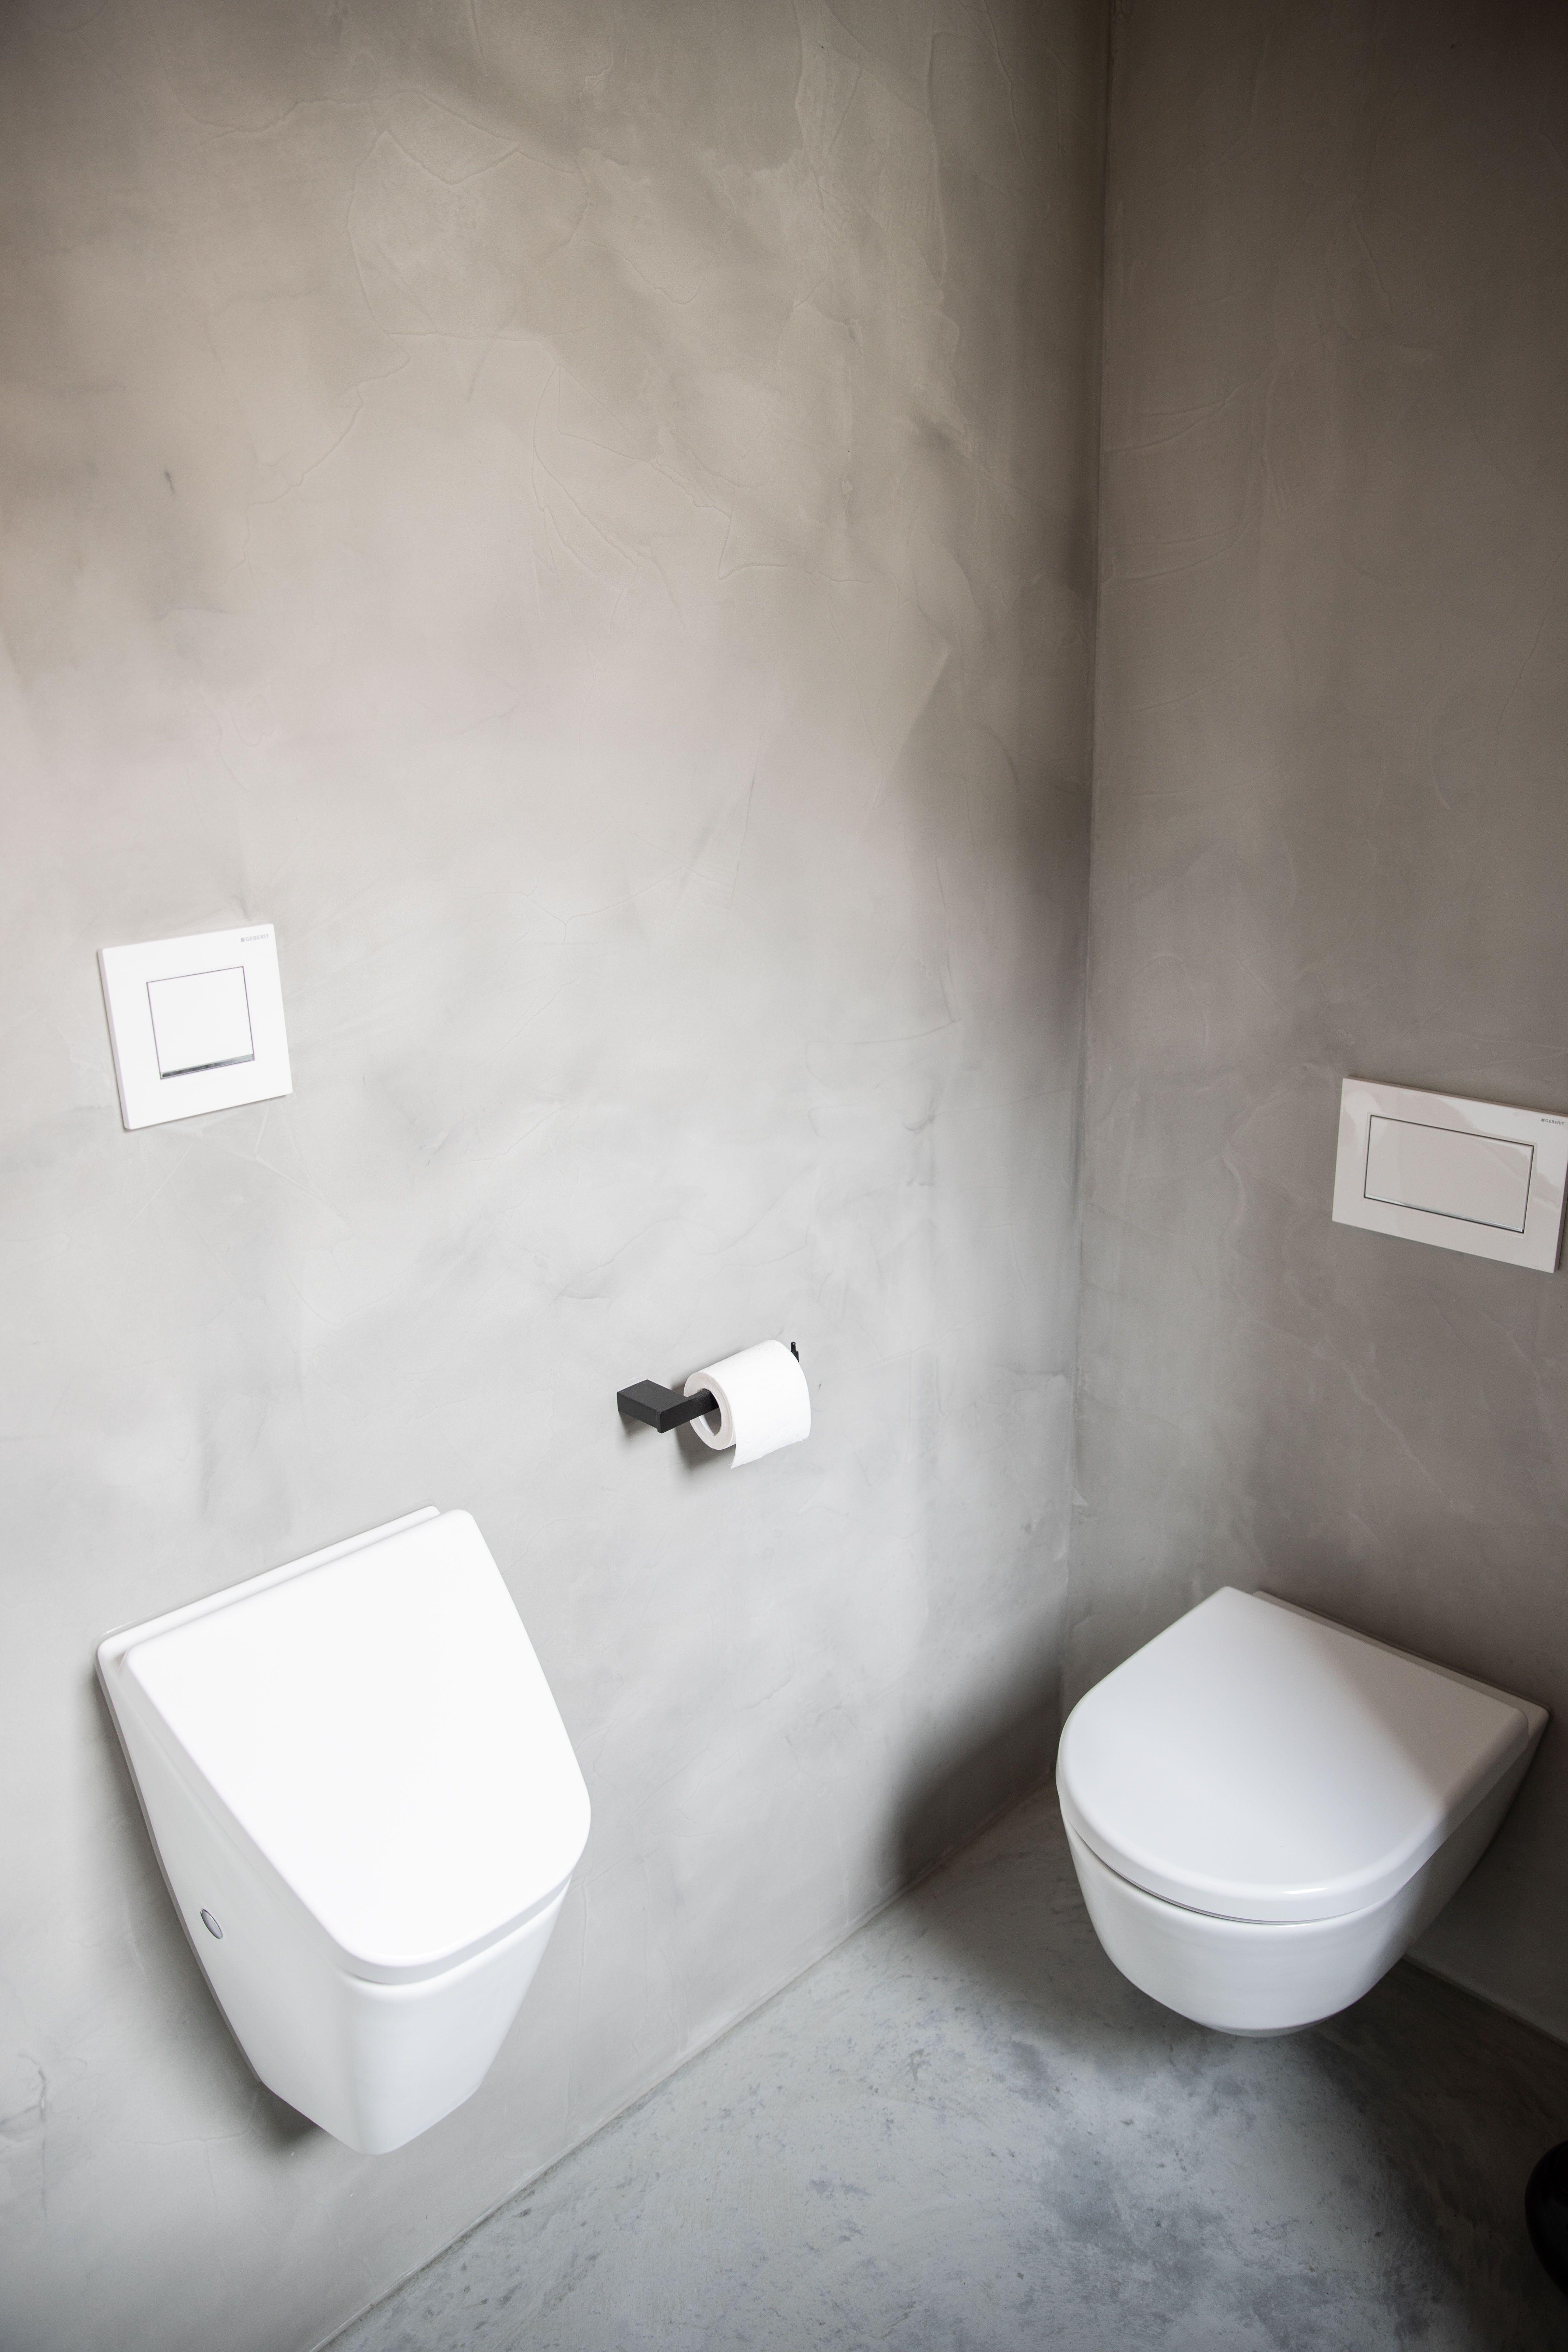 Pandomo Wall Bader Ohne Fliesen Und Fugen Designboden Bad Badezimmer Toilette Badezimmer Toilette Badezimmer Badezimmerboden